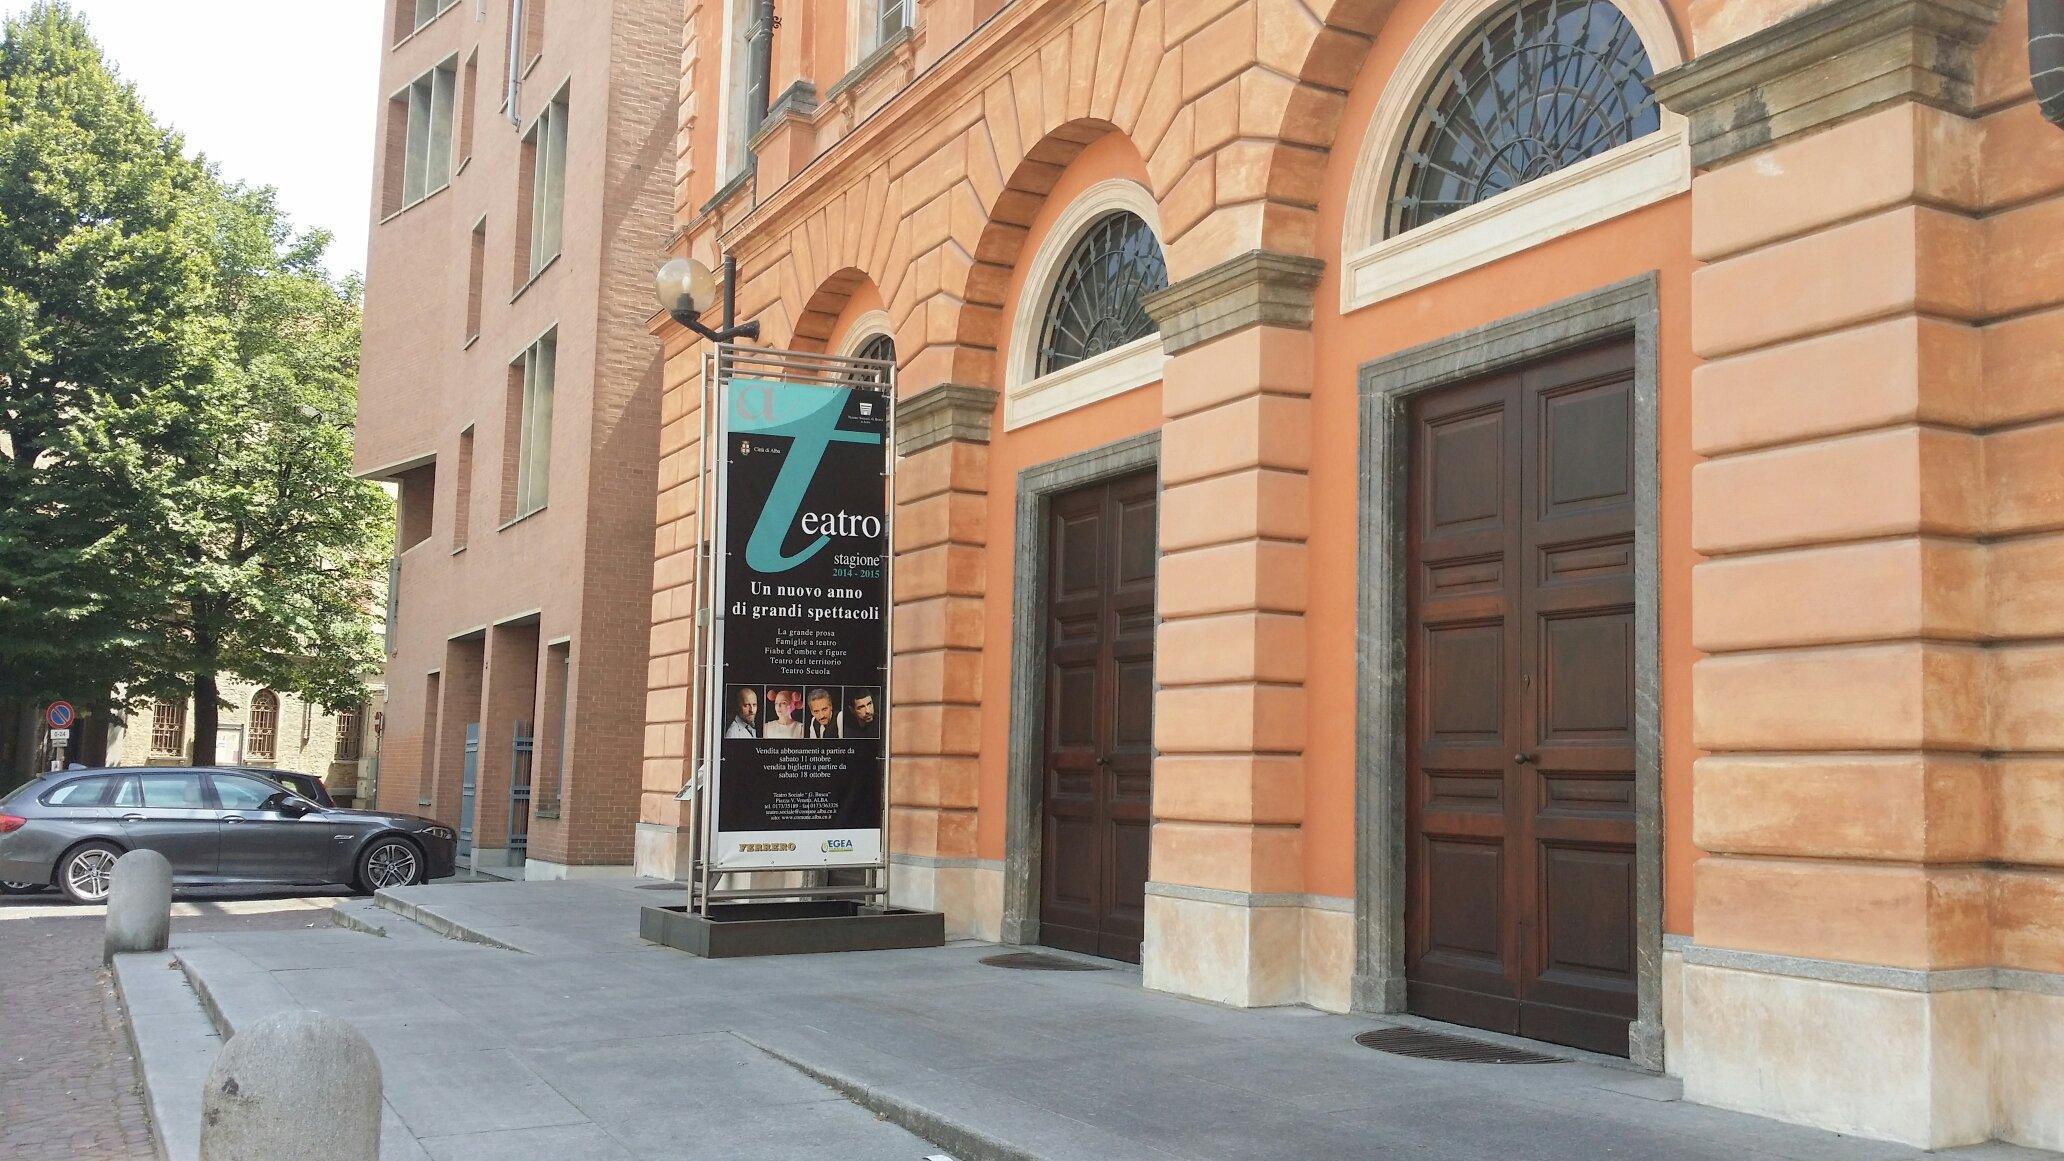 Teatro Sociale Giorgio Busca